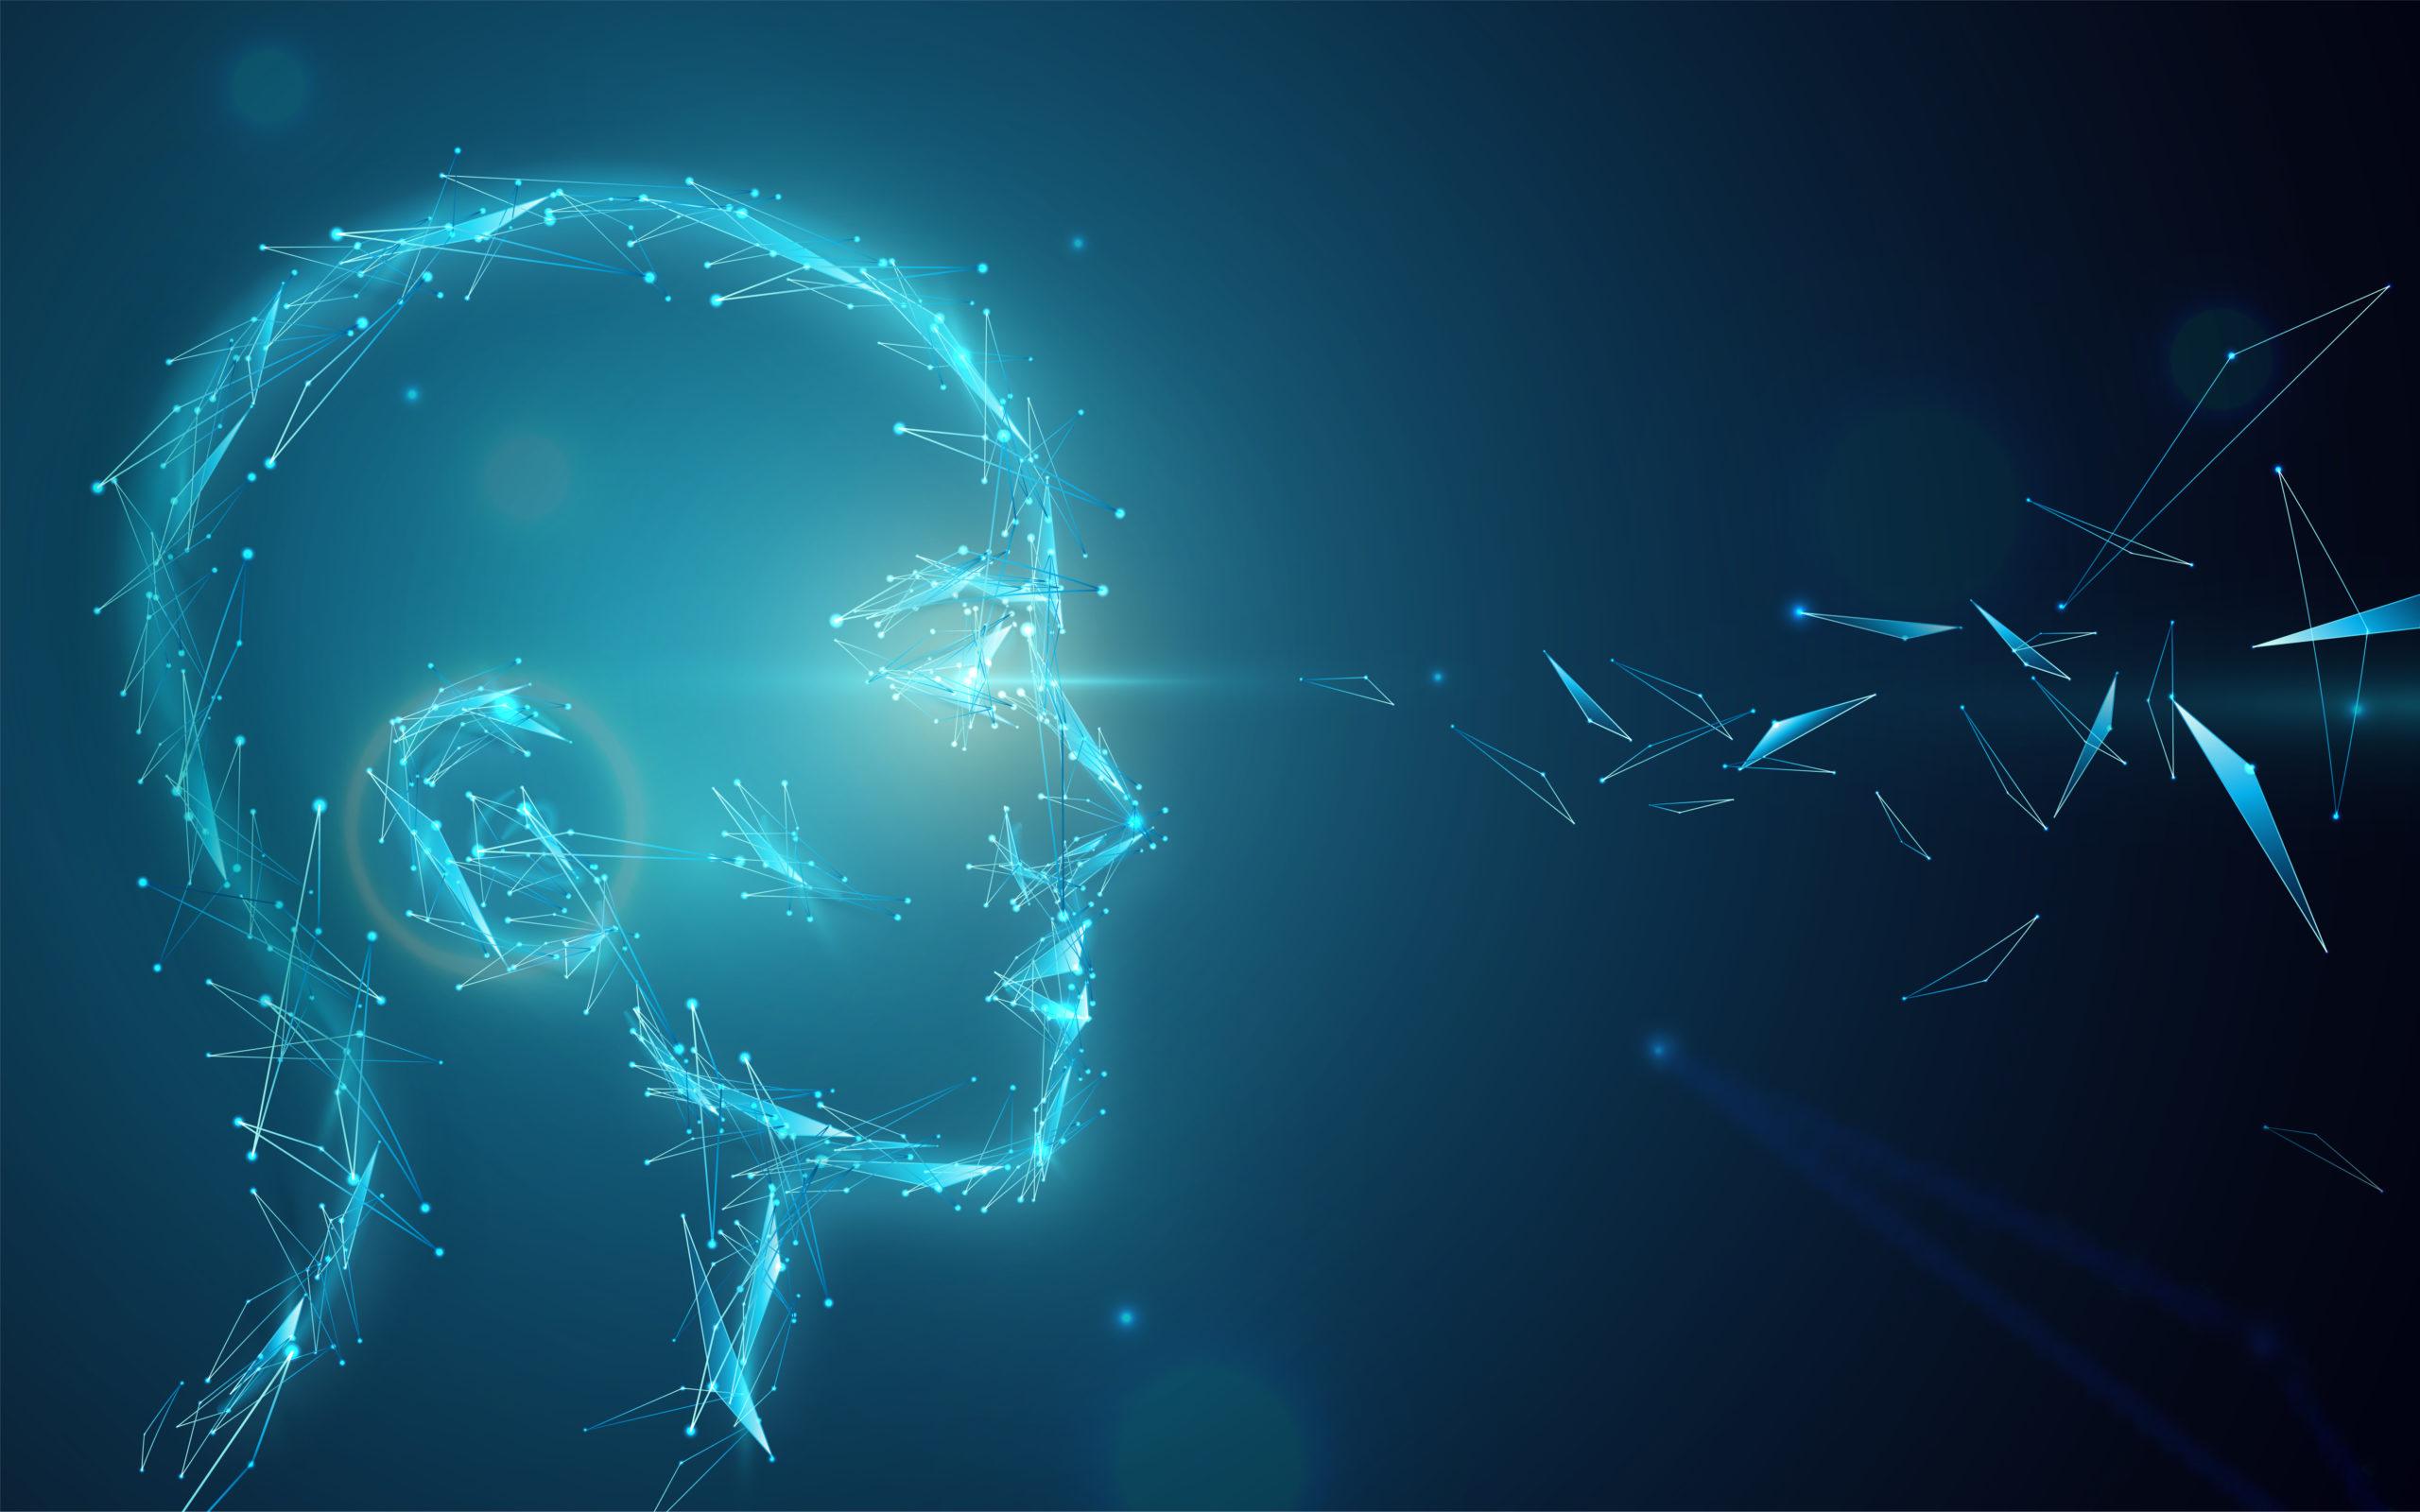 Un réseau de neurones formant un visage, illustration de l'IA DABUS